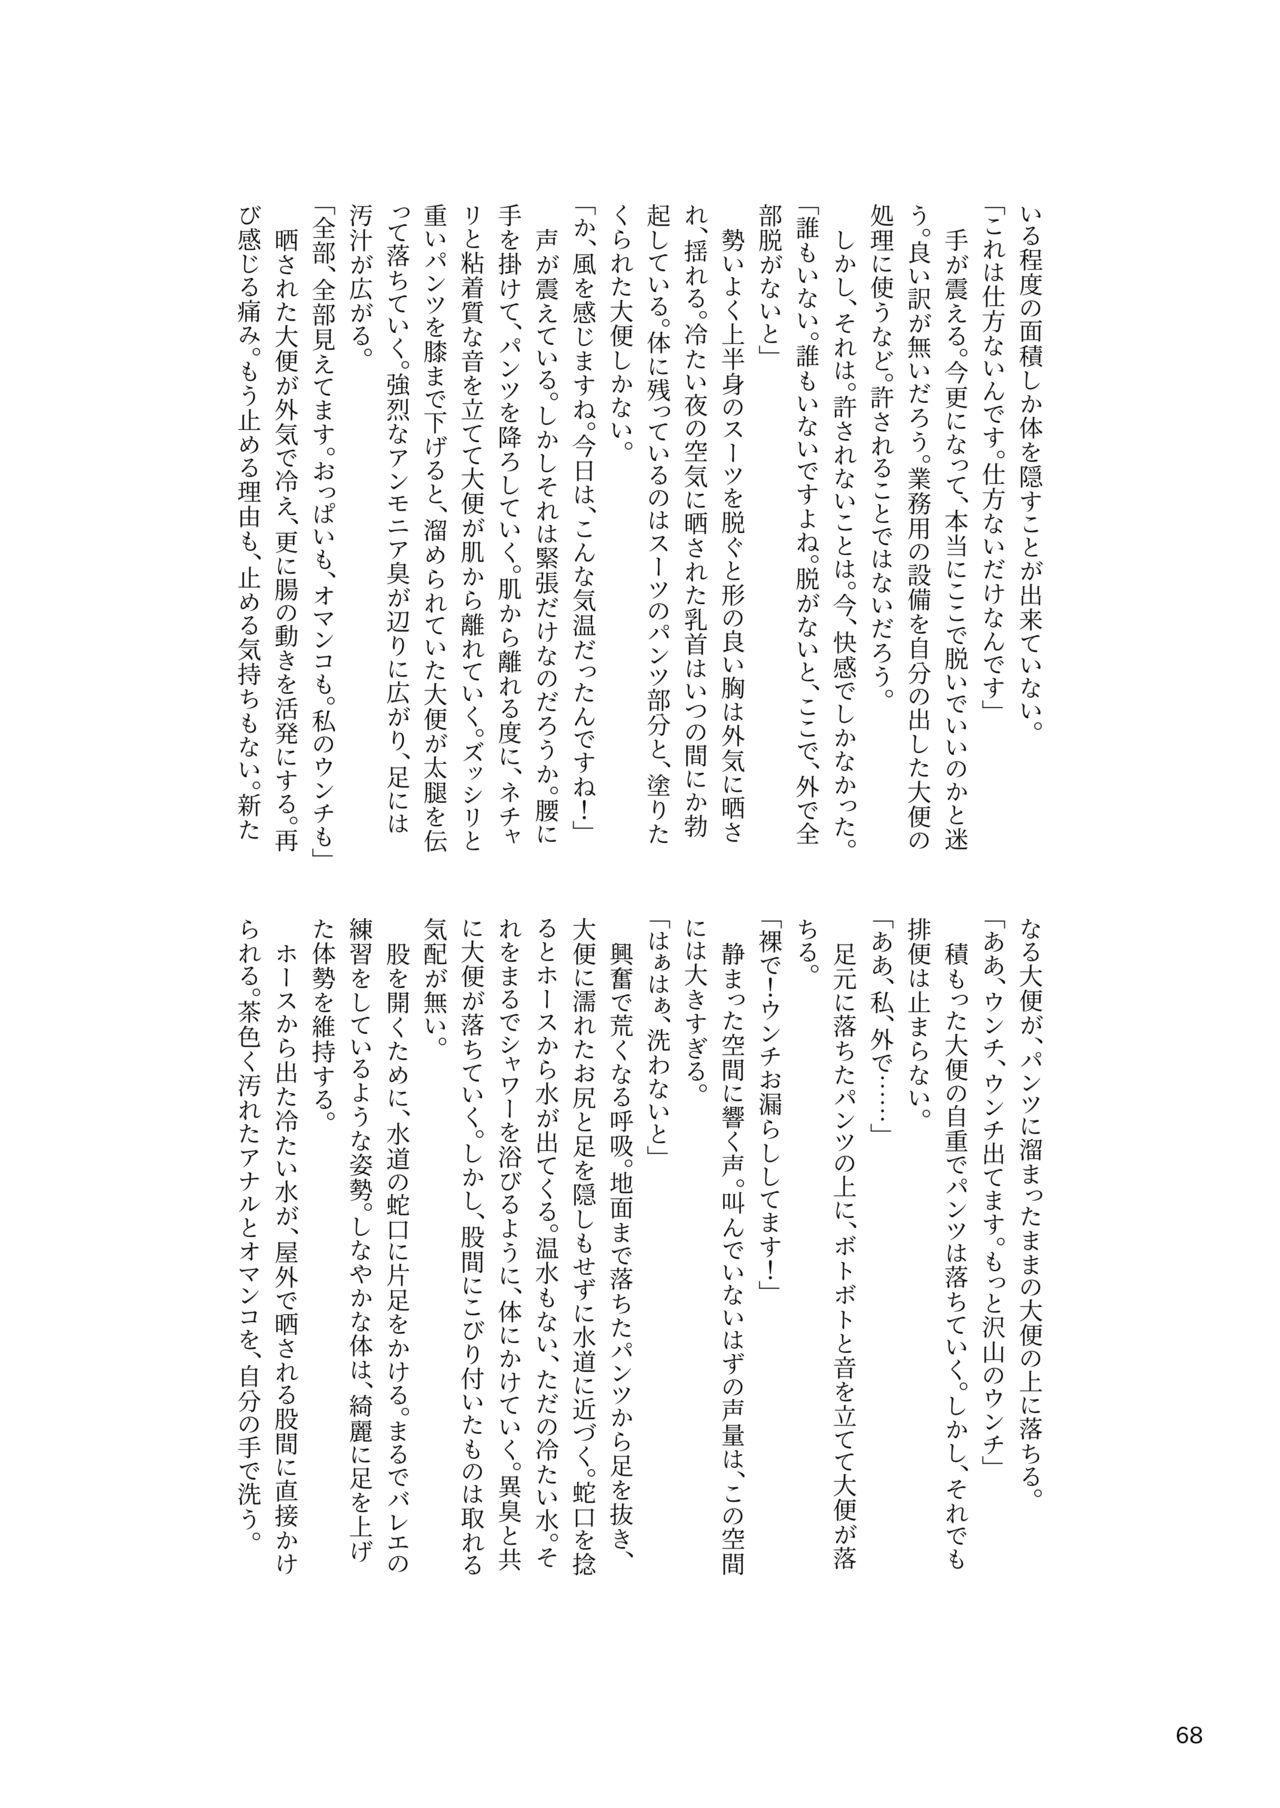 ア○スギア総合スカトロアンソロジー アクトレス排泄実態調査任務~スカポためるっすか!?~ 67